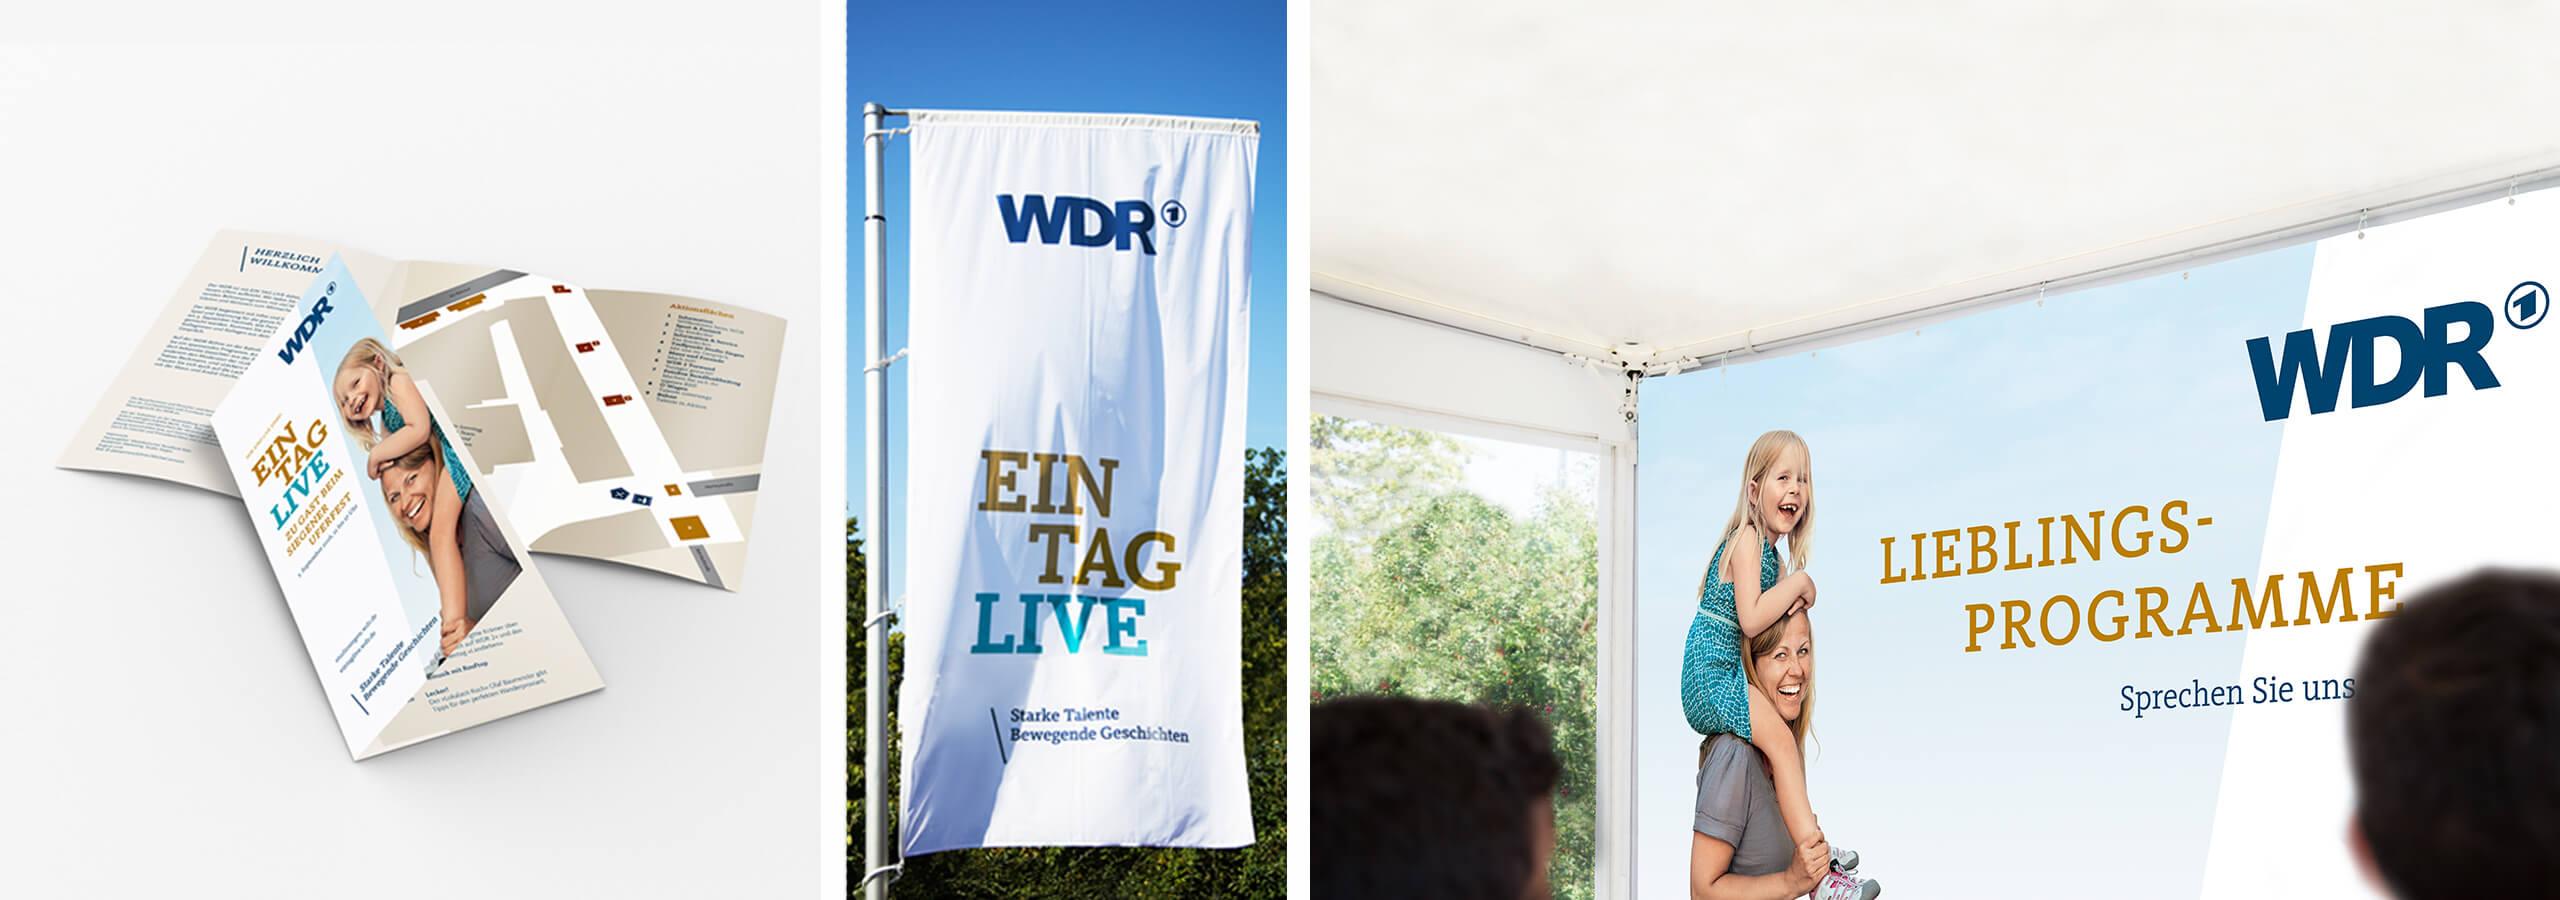 wdr_ein_tag_live_slider